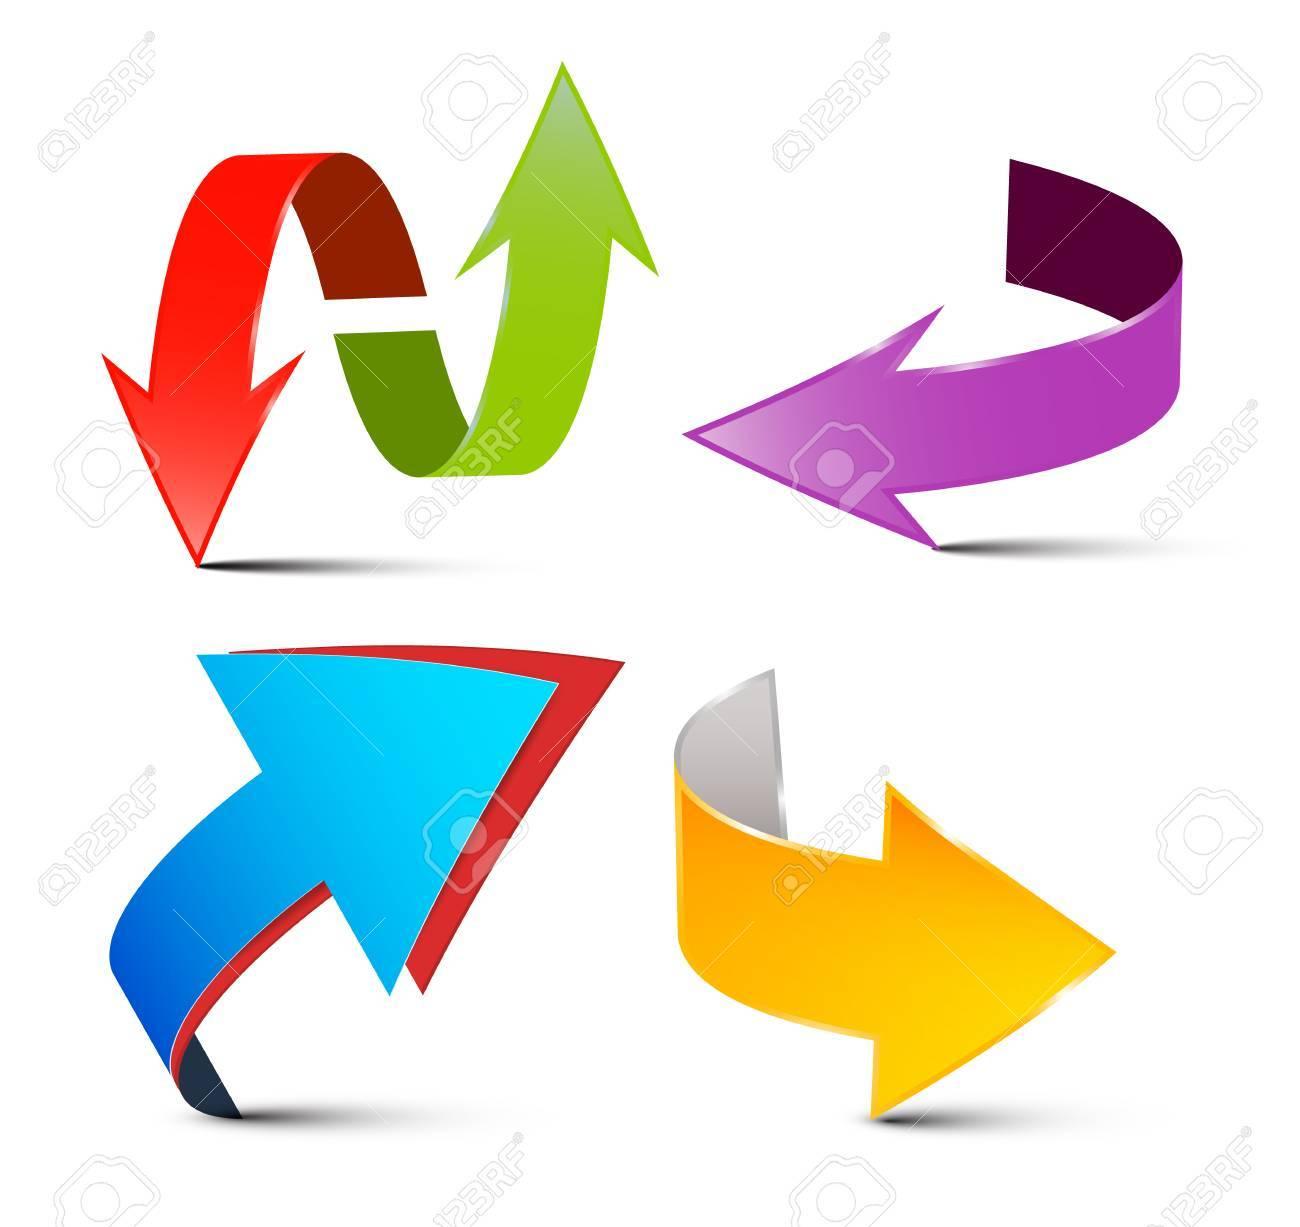 Jeu De Fleches De Vecteur Fleches 3d Colorees Logo Fleche Symboles Isoles Sur Fond Blanc Clip Art Libres De Droits Vecteurs Et Illustration Image 61922800